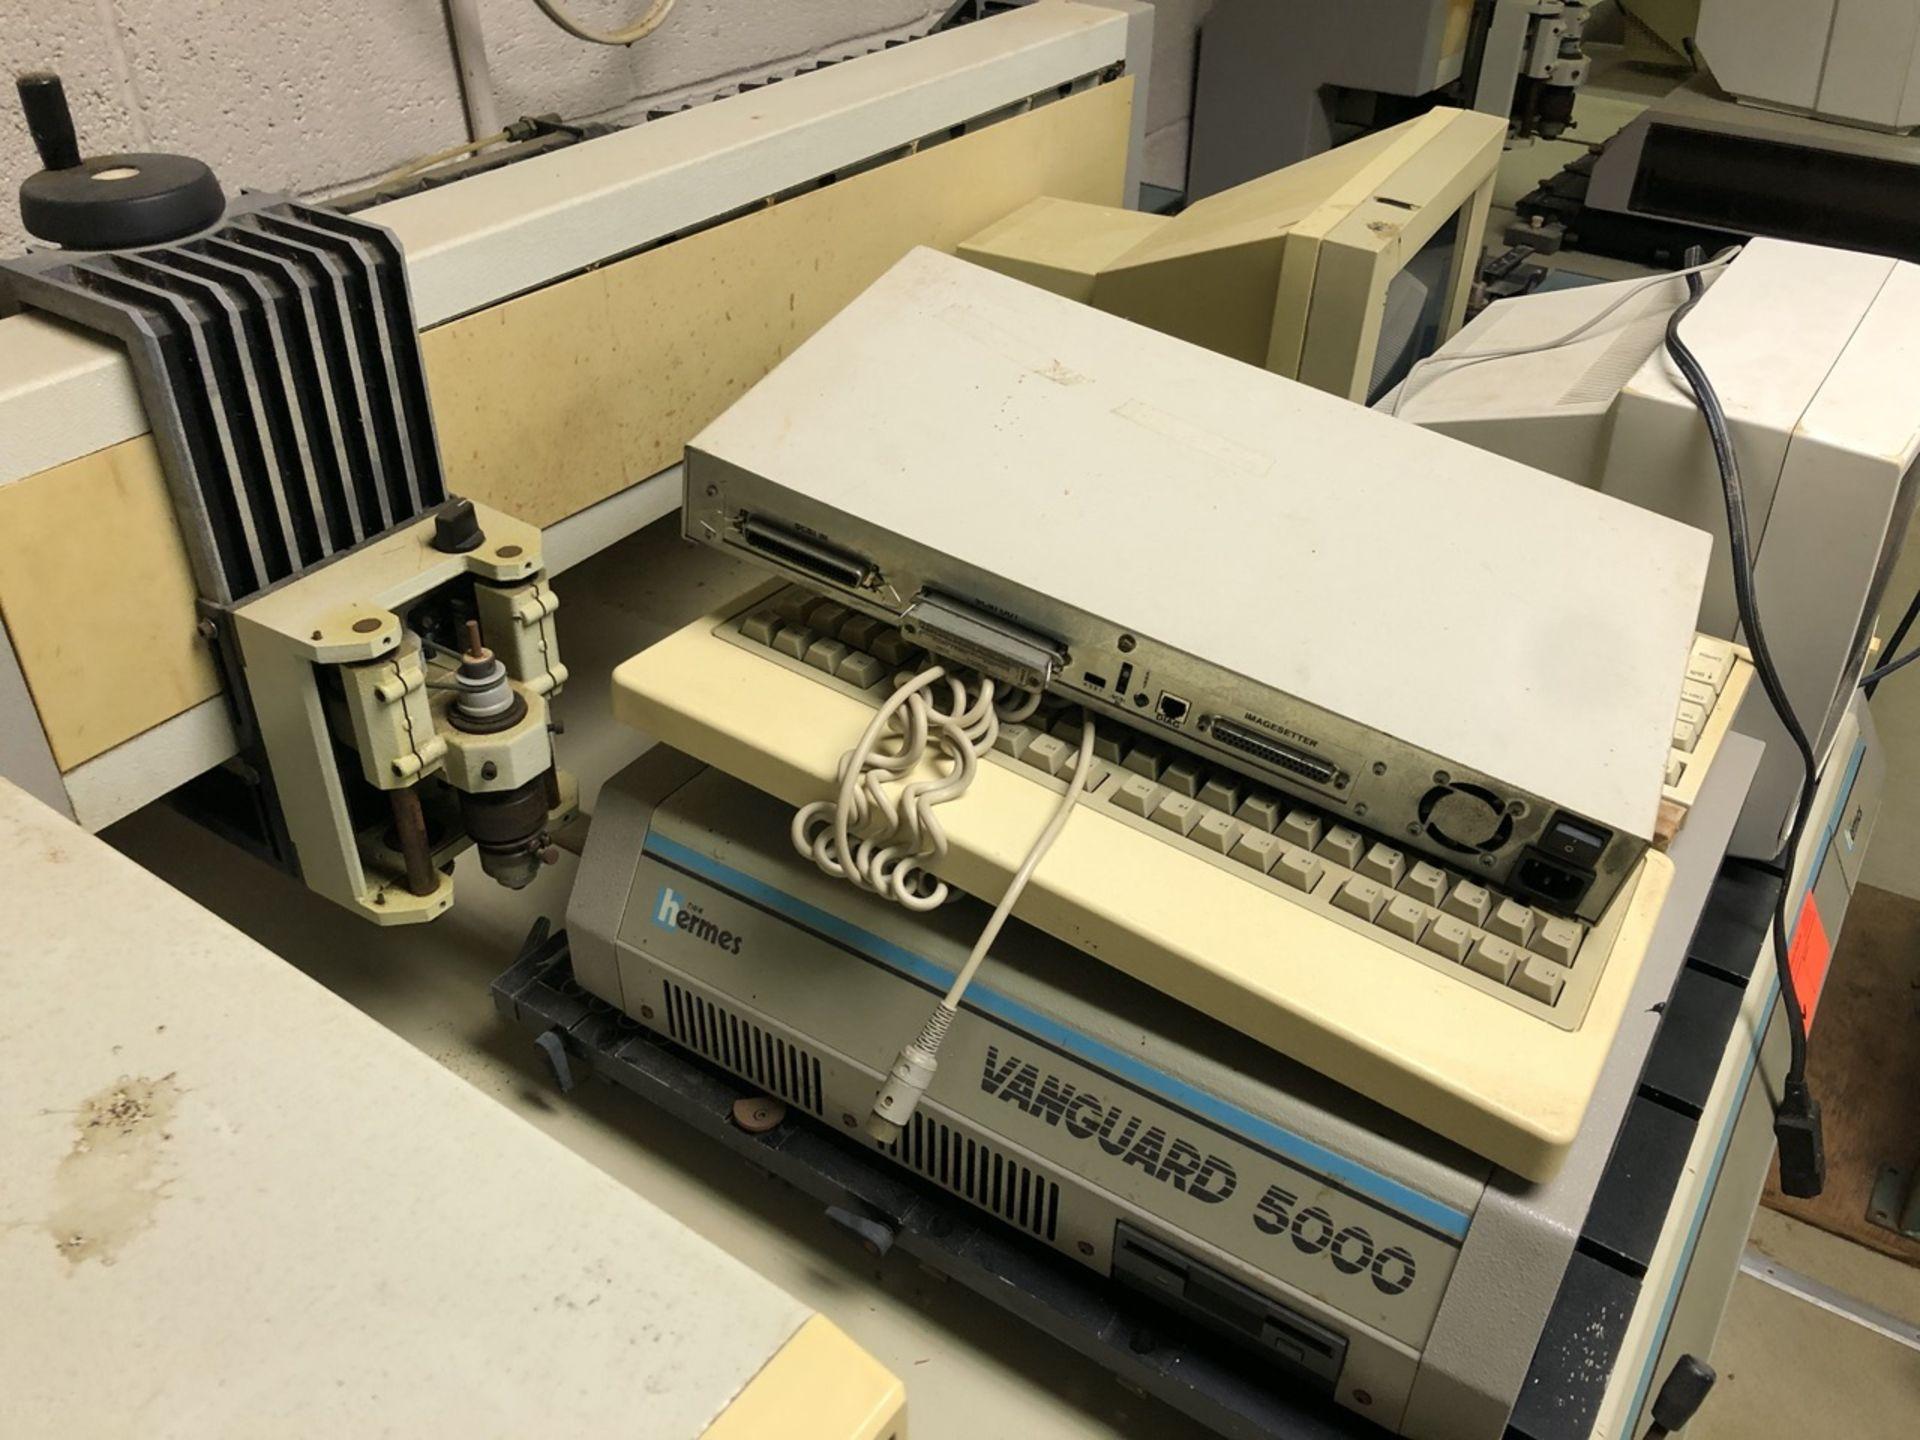 Lot 6 - Hermes Engraver w/ Vanguard 5000 (older unit)